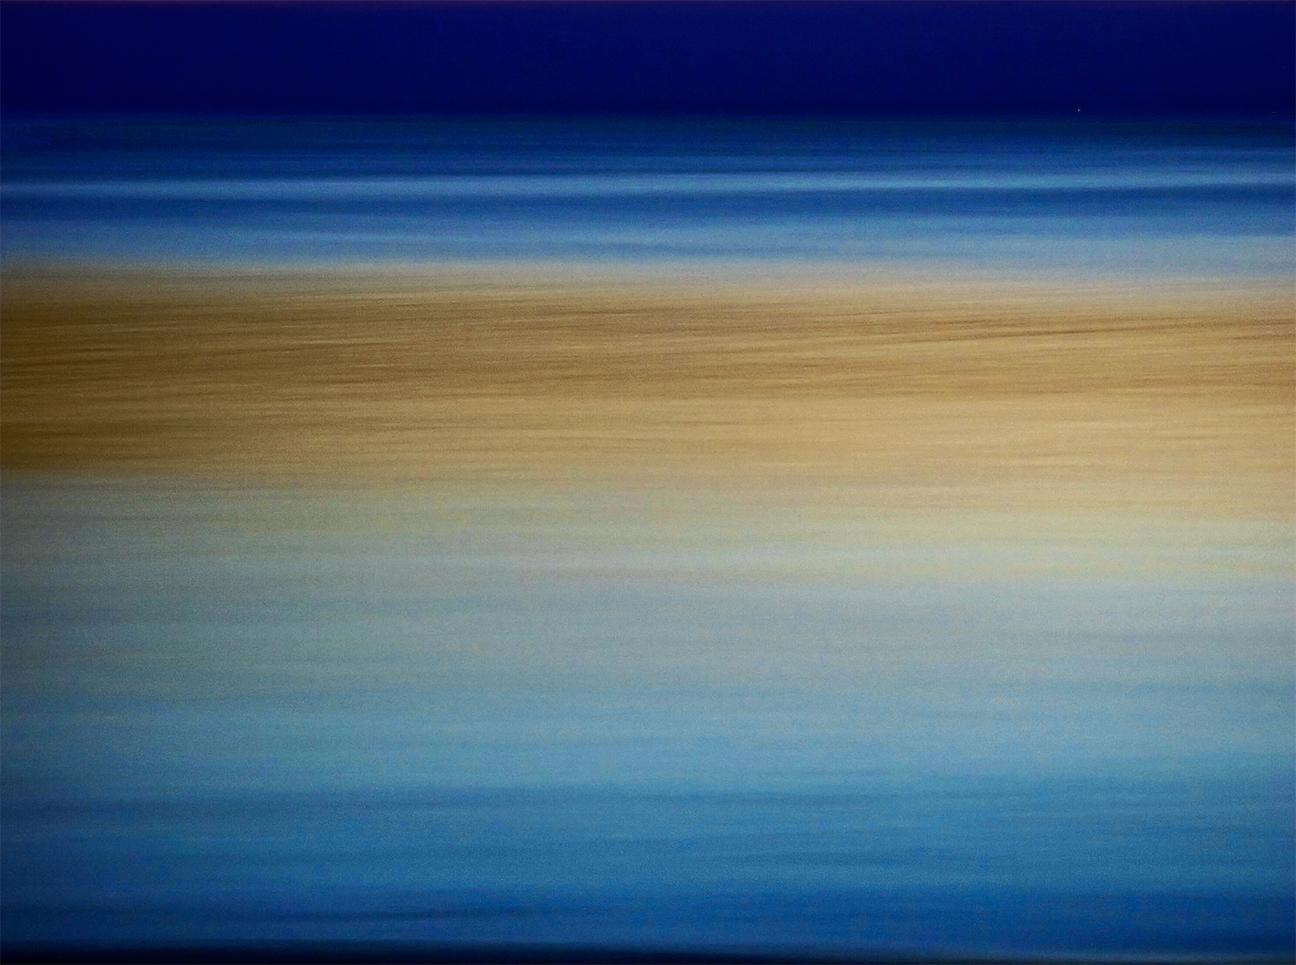 Storm at Sunset, Photographer Brian Goodman © 2017